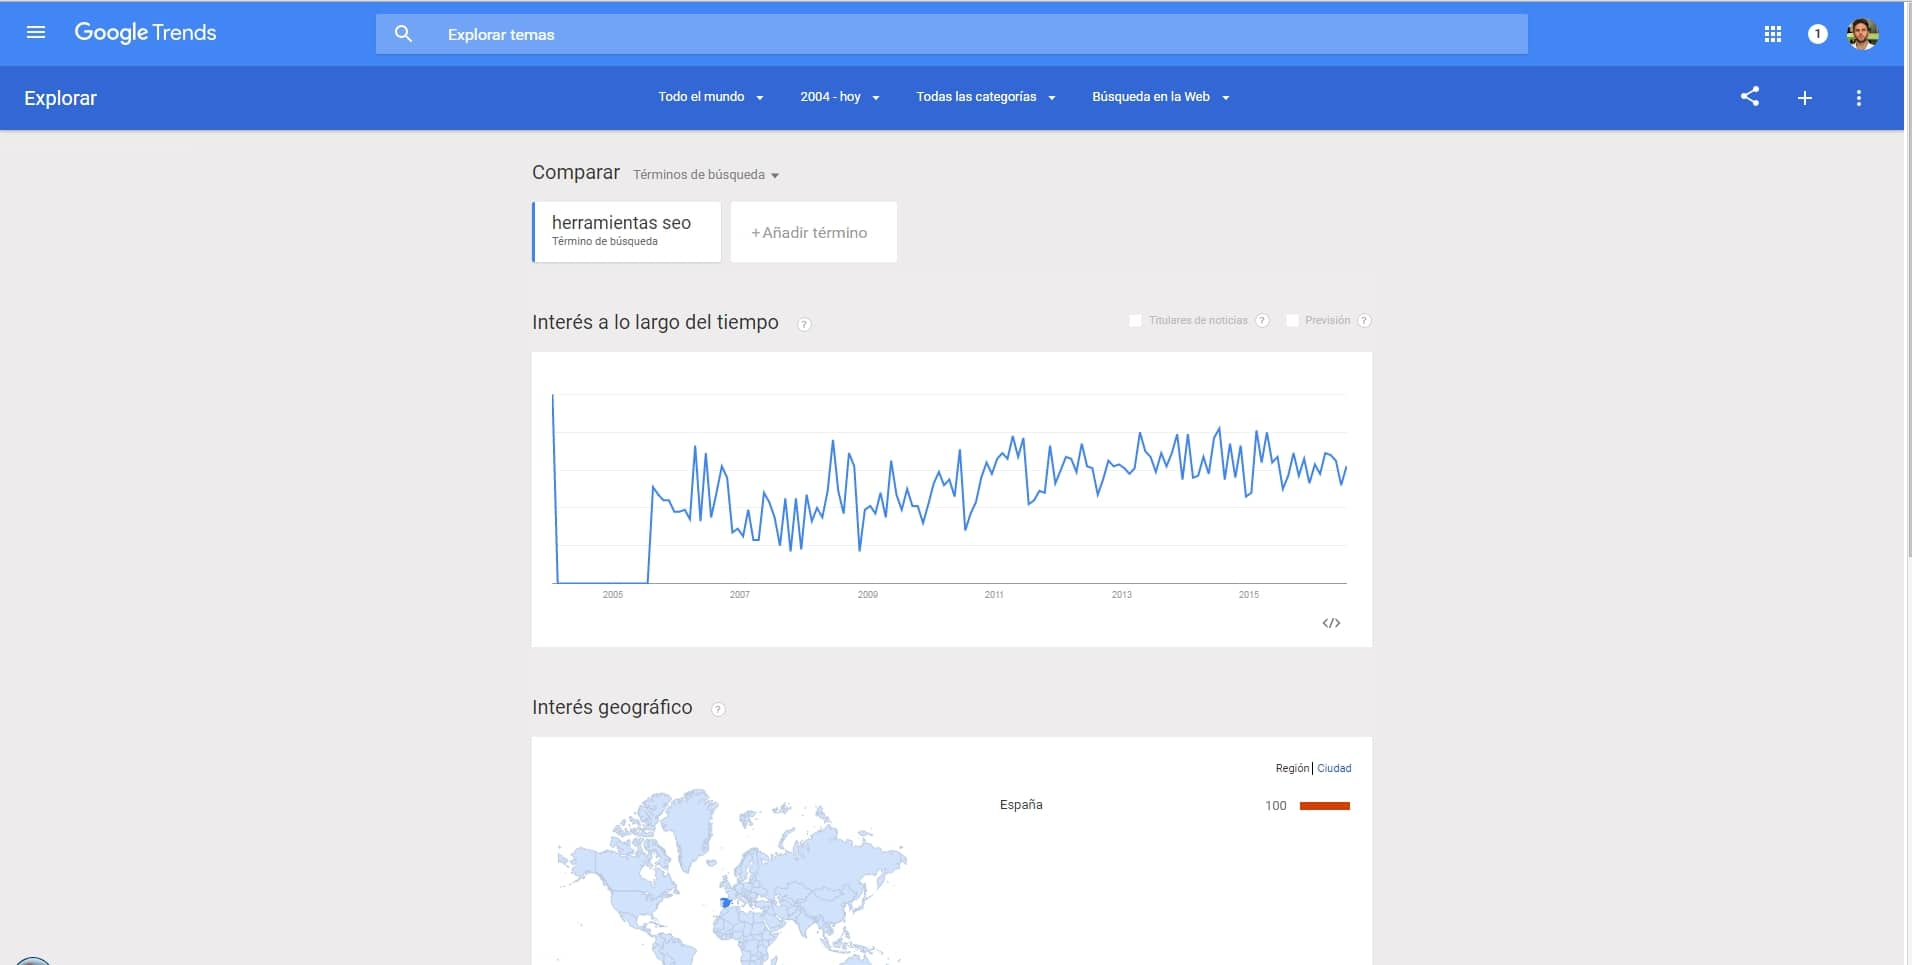 Herramientas SEO - Investigación de palabras clave | Google Trends